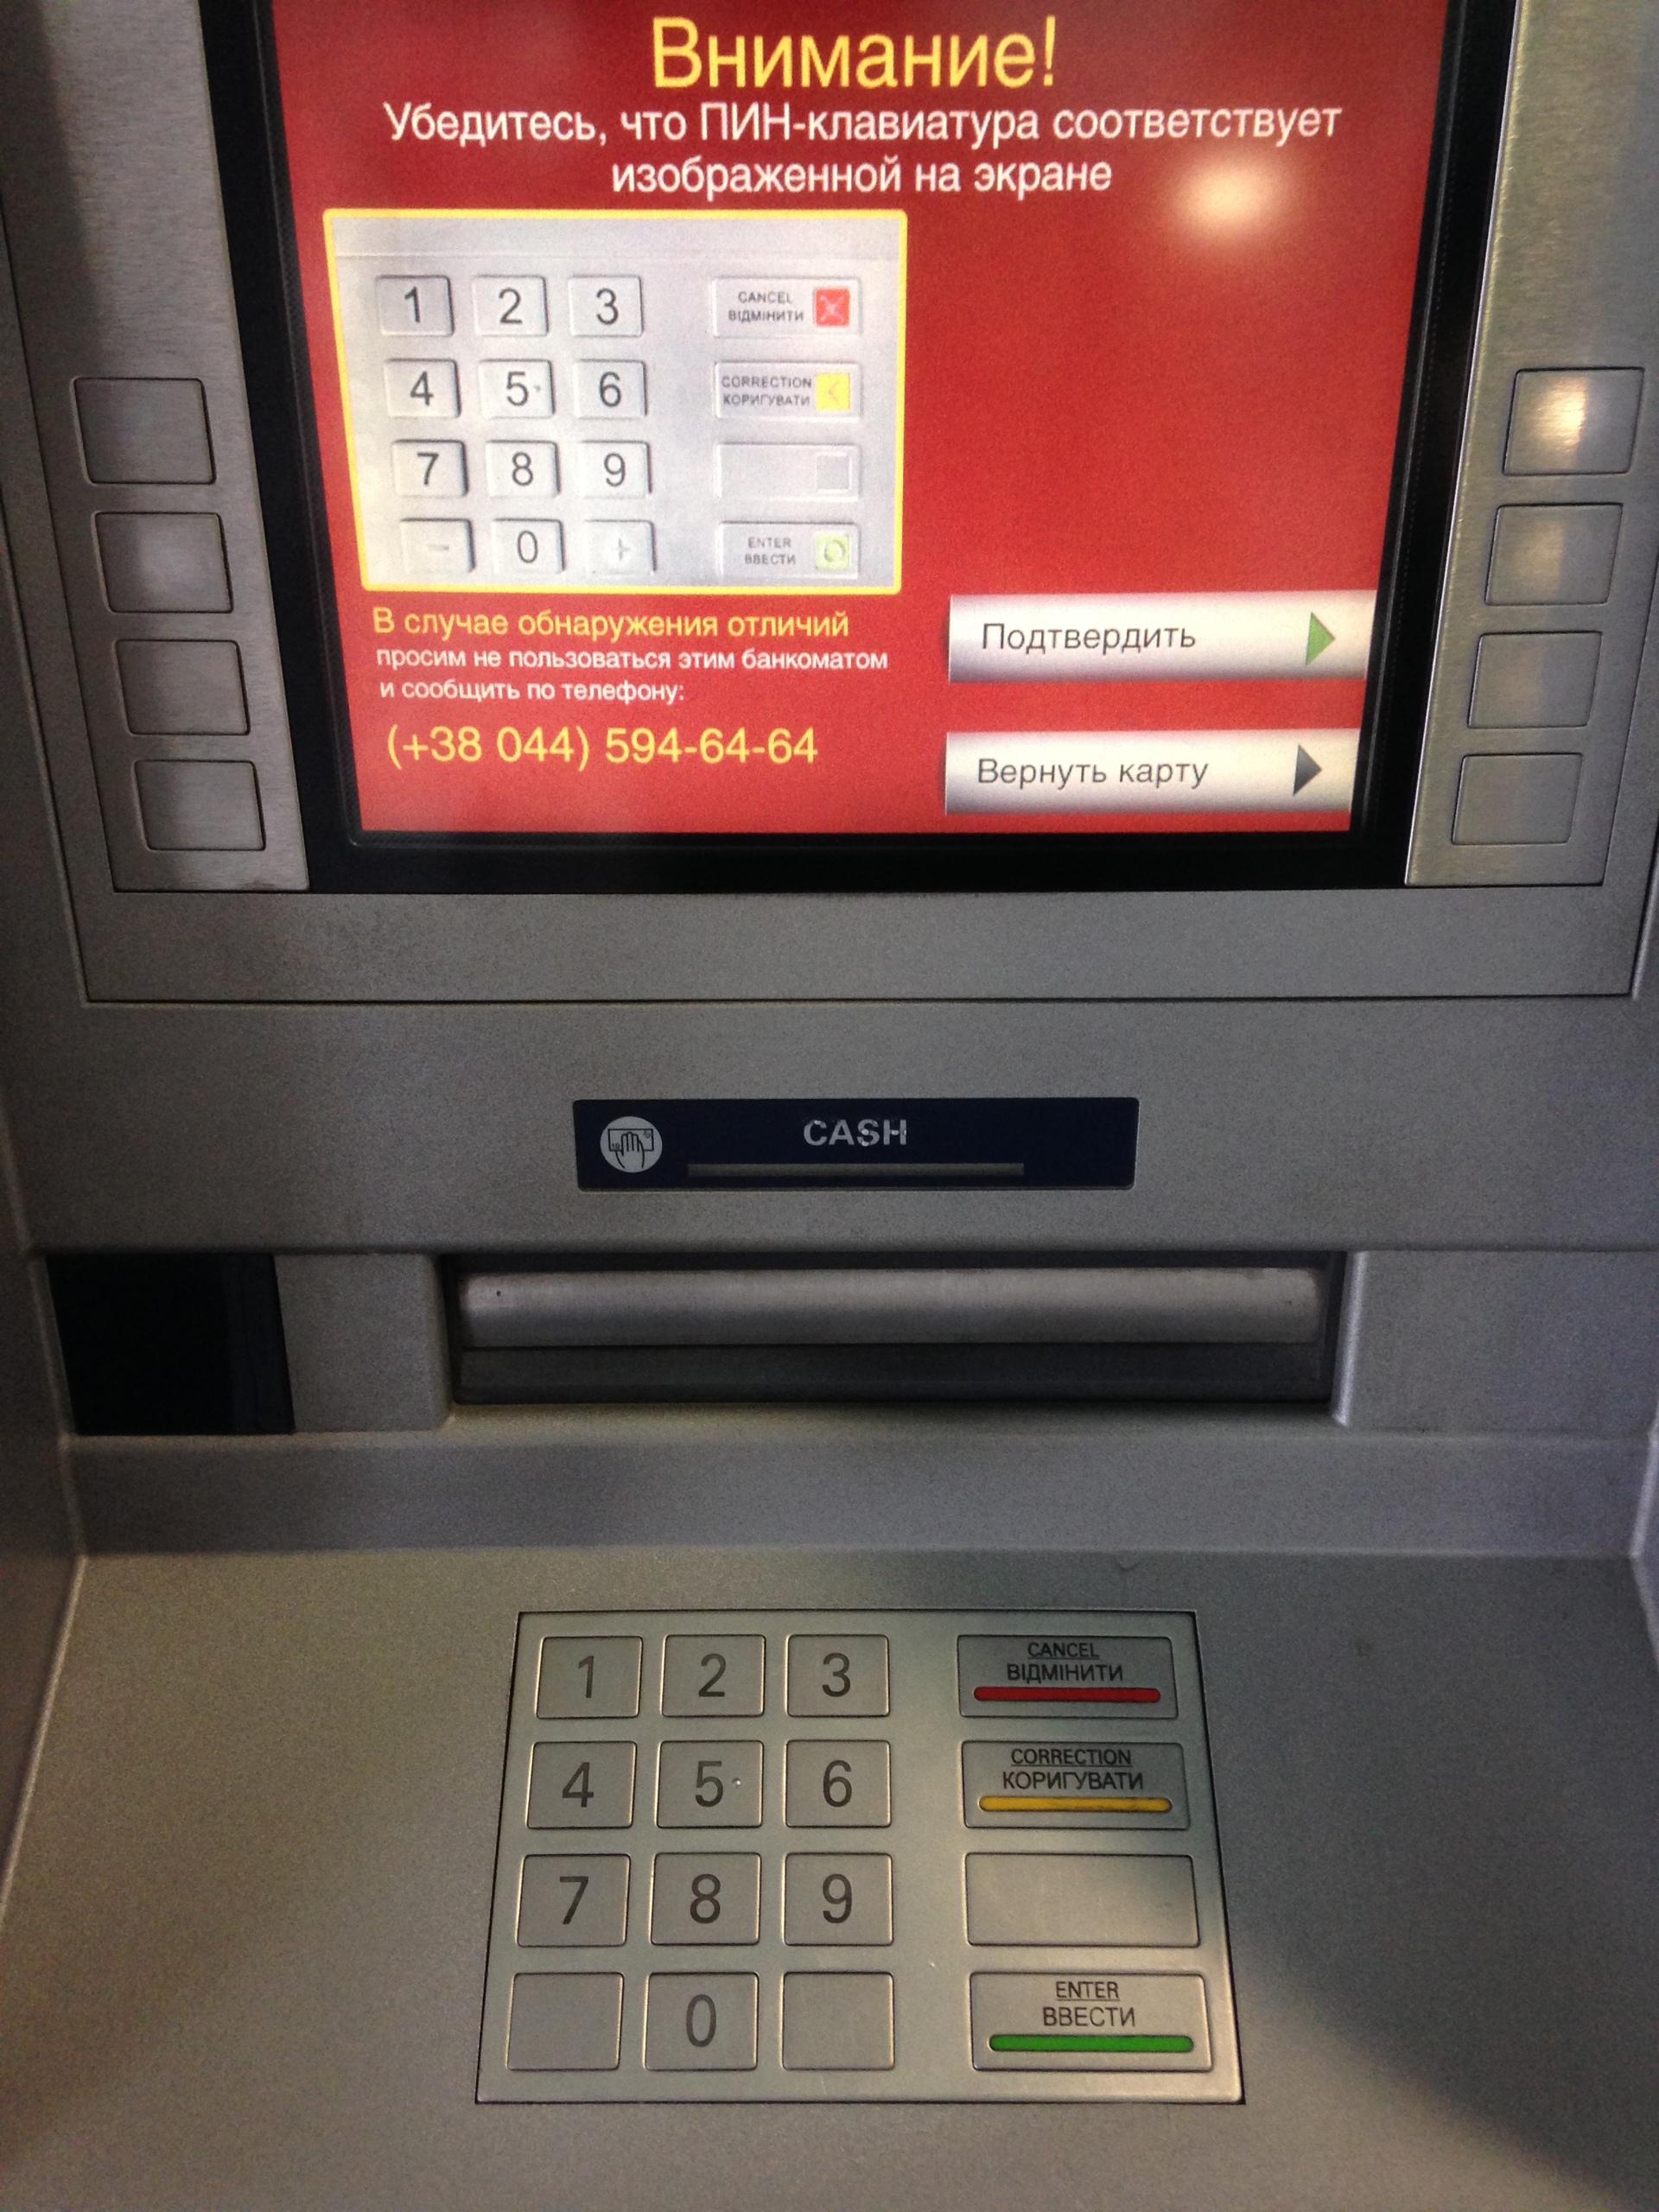 Борятся ли банки со скиммингом в банкоматах